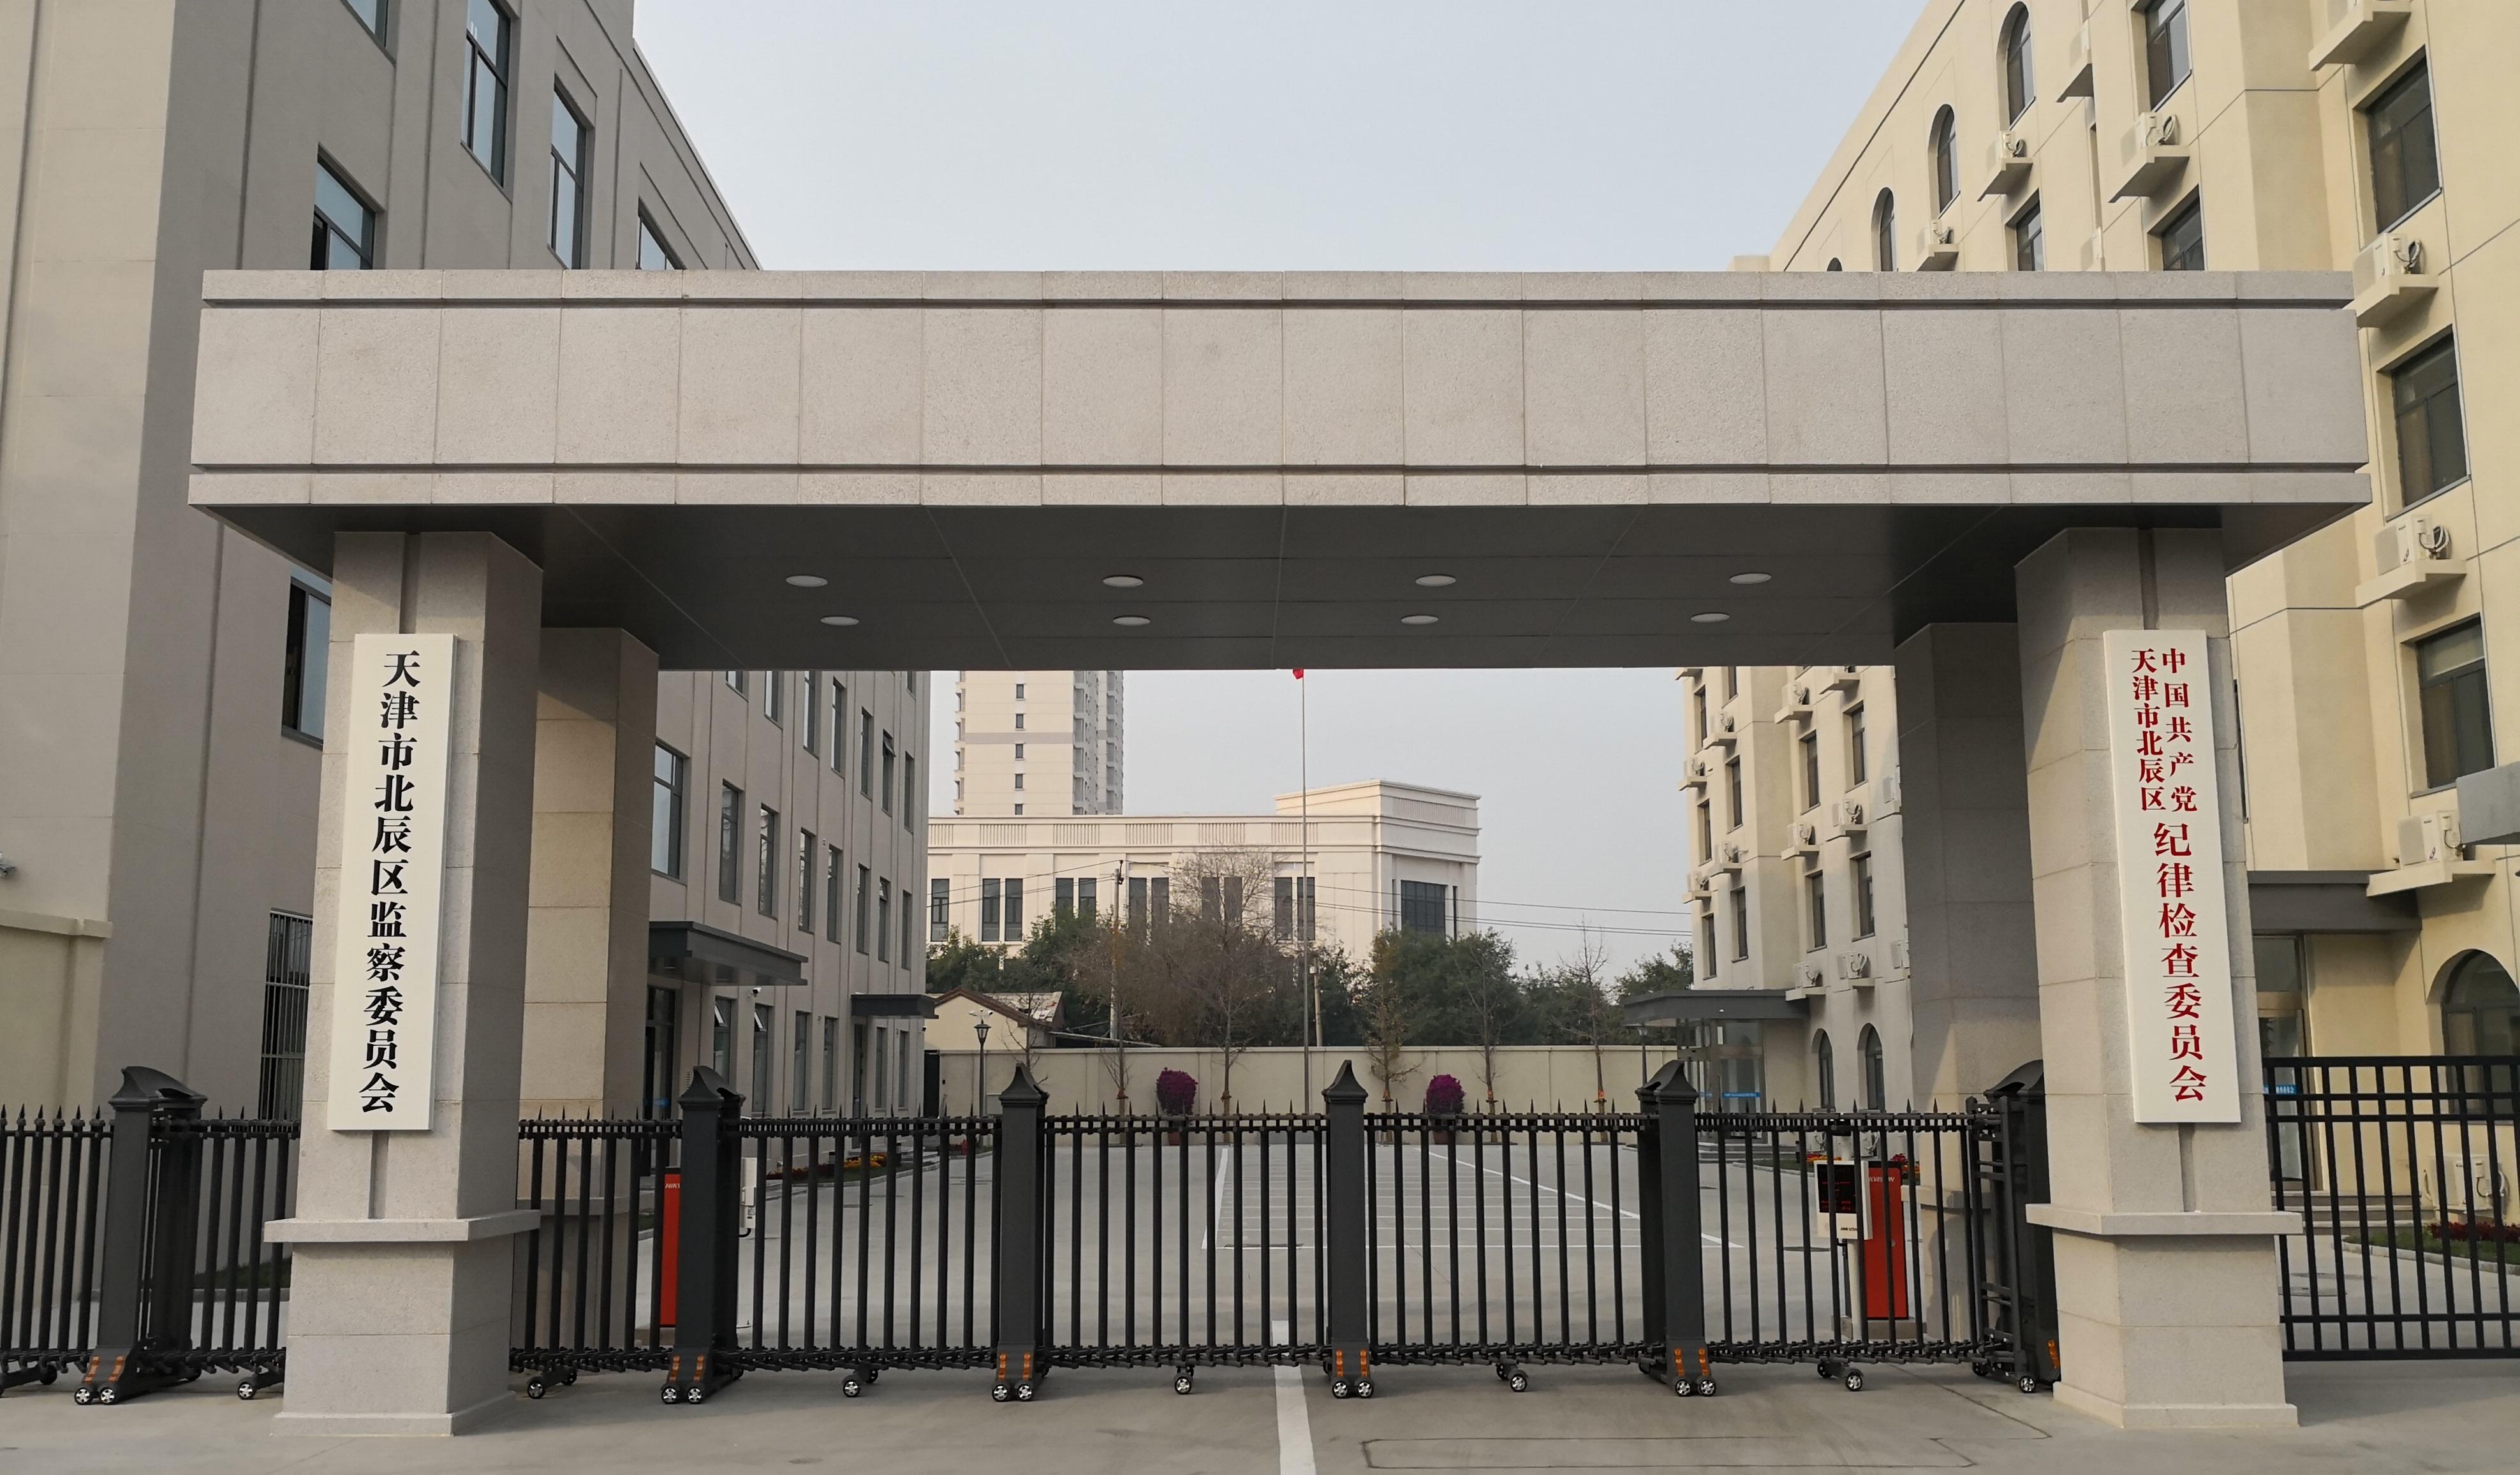 北辰区纪委监委举行合署办公楼启用升旗仪式